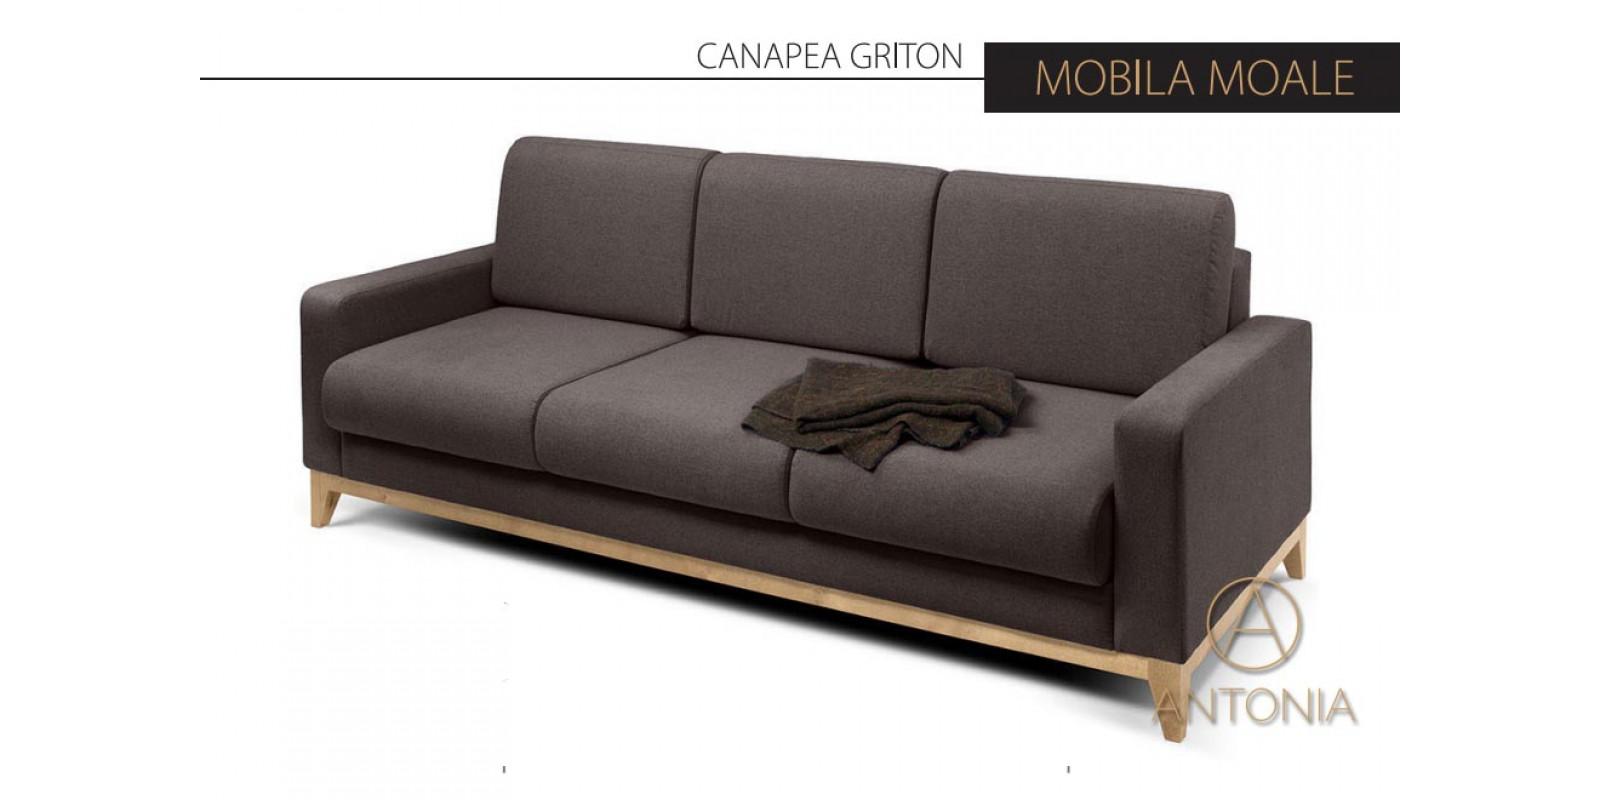 Canapea  Griton